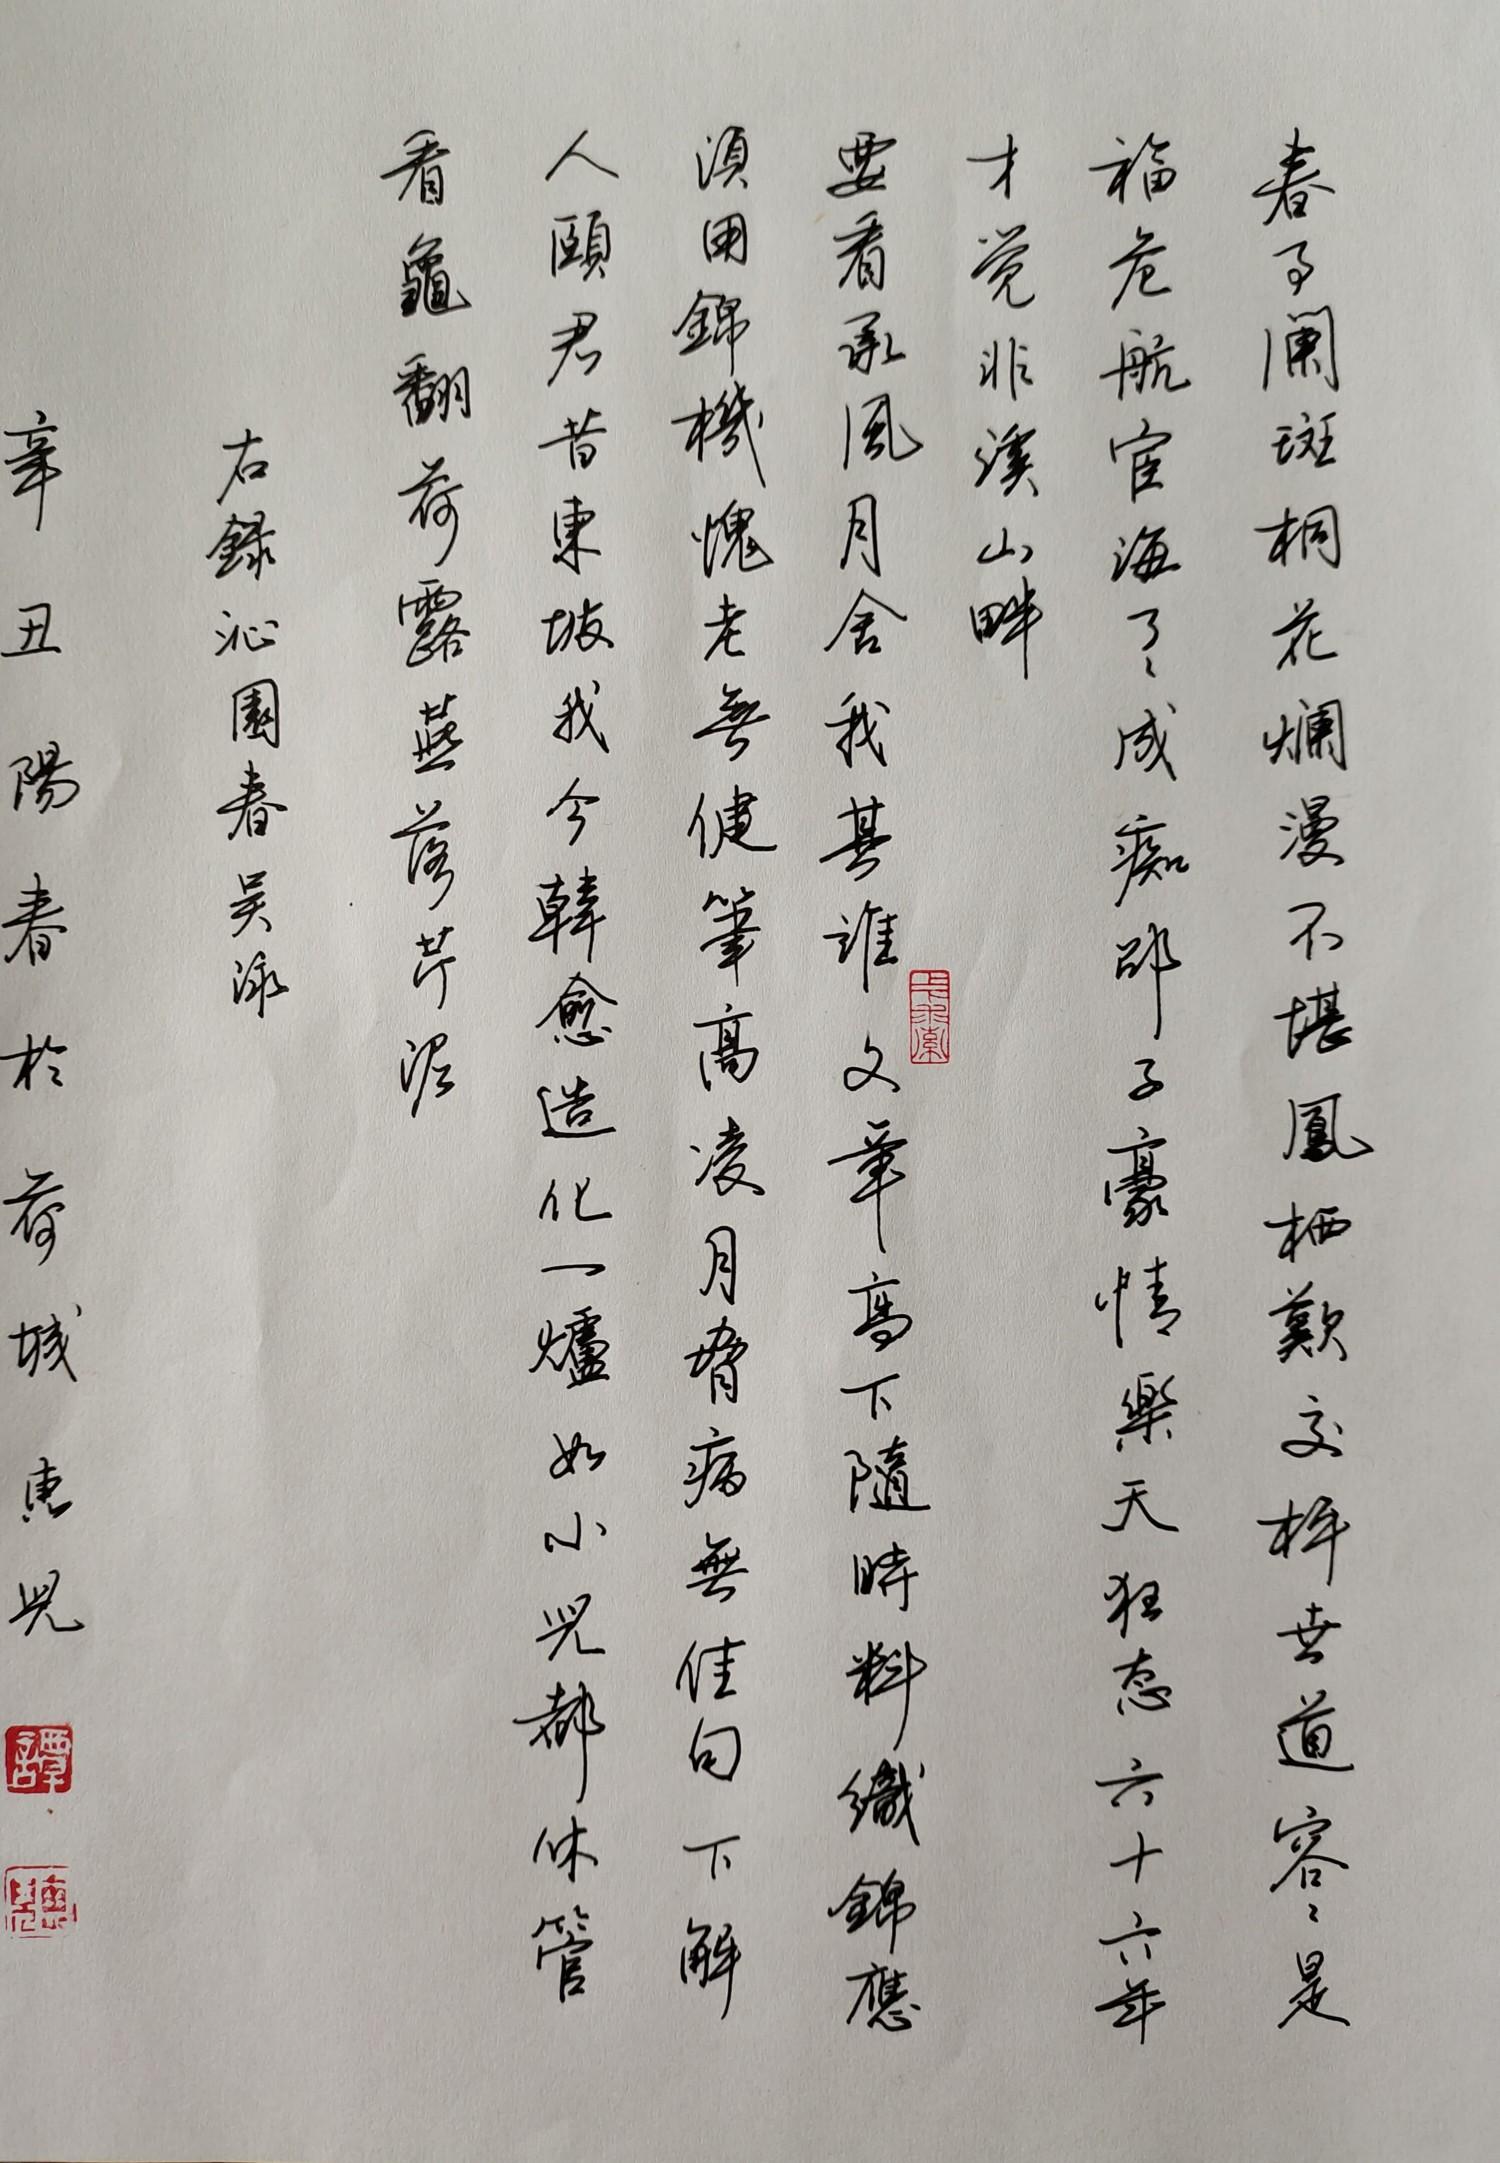 钢笔爱好者练字打卡20210323-10